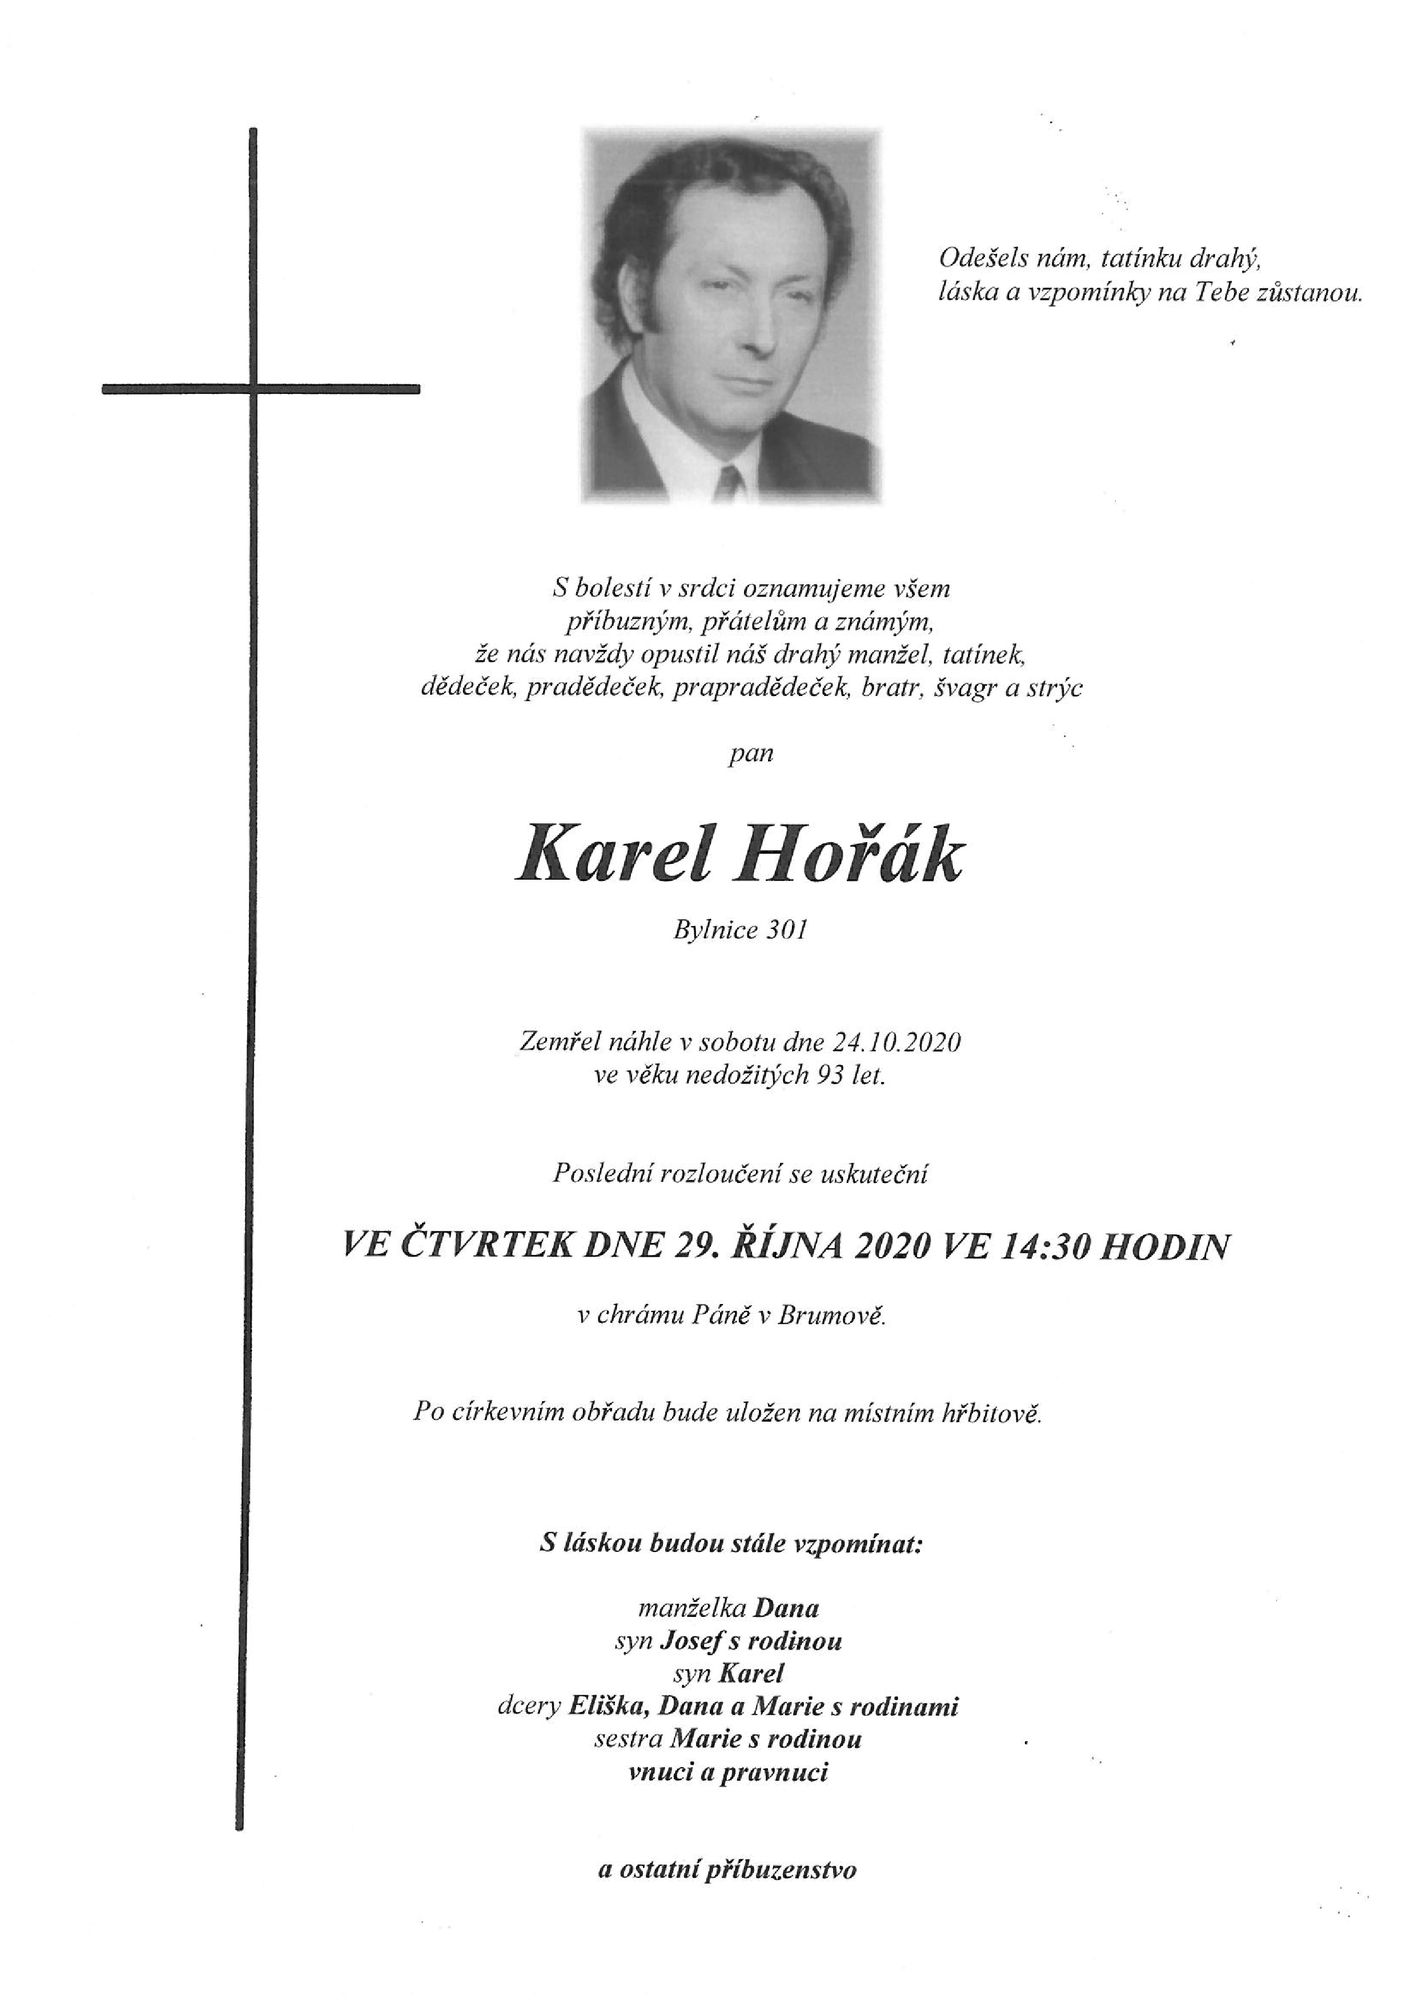 Karel Hořák